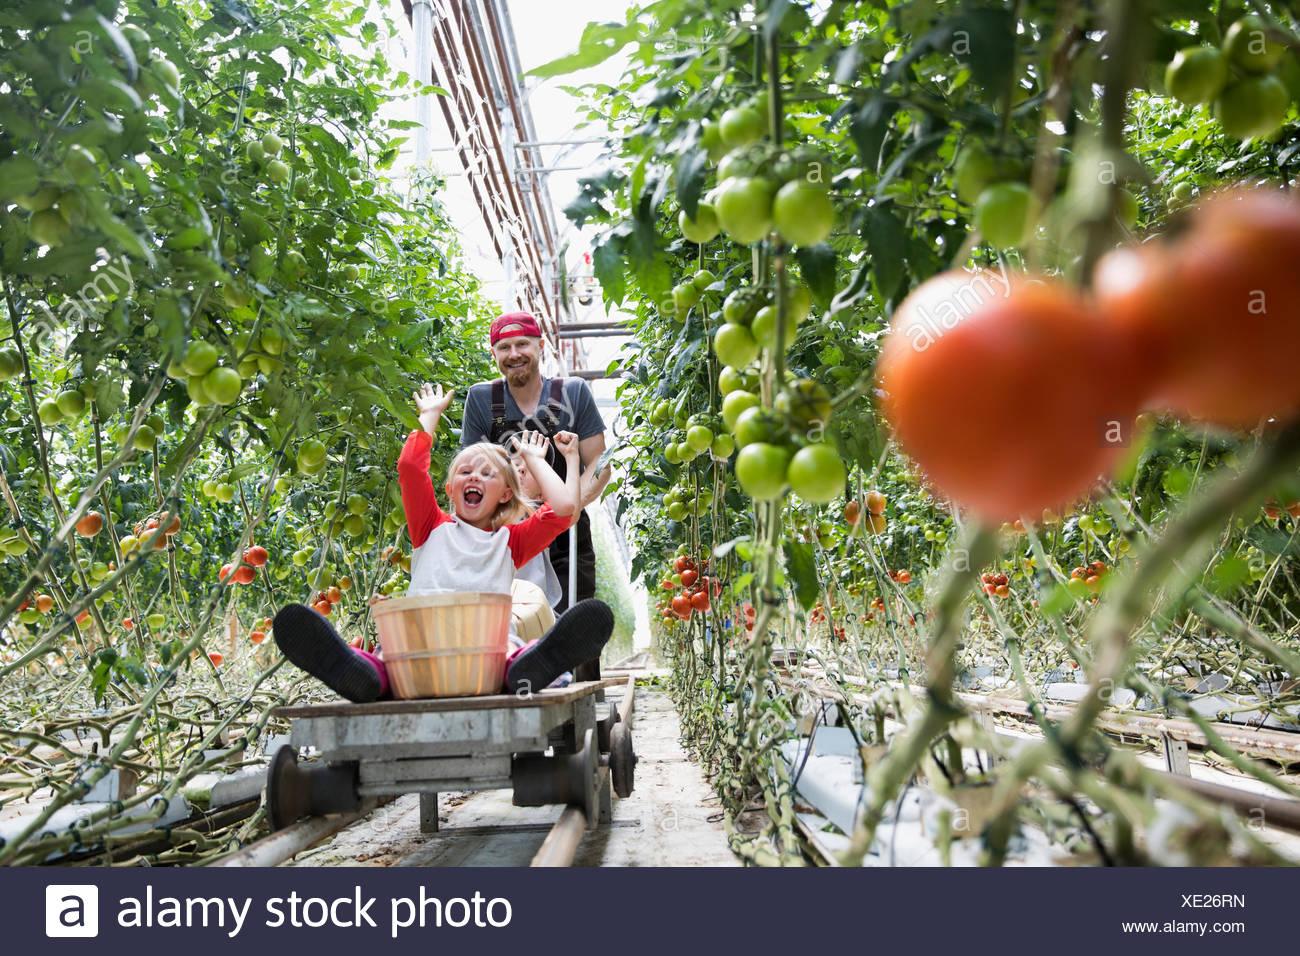 Padre spingendo bambini allegri su carrello tra crescita di piante di pomodoro in serra Immagini Stock